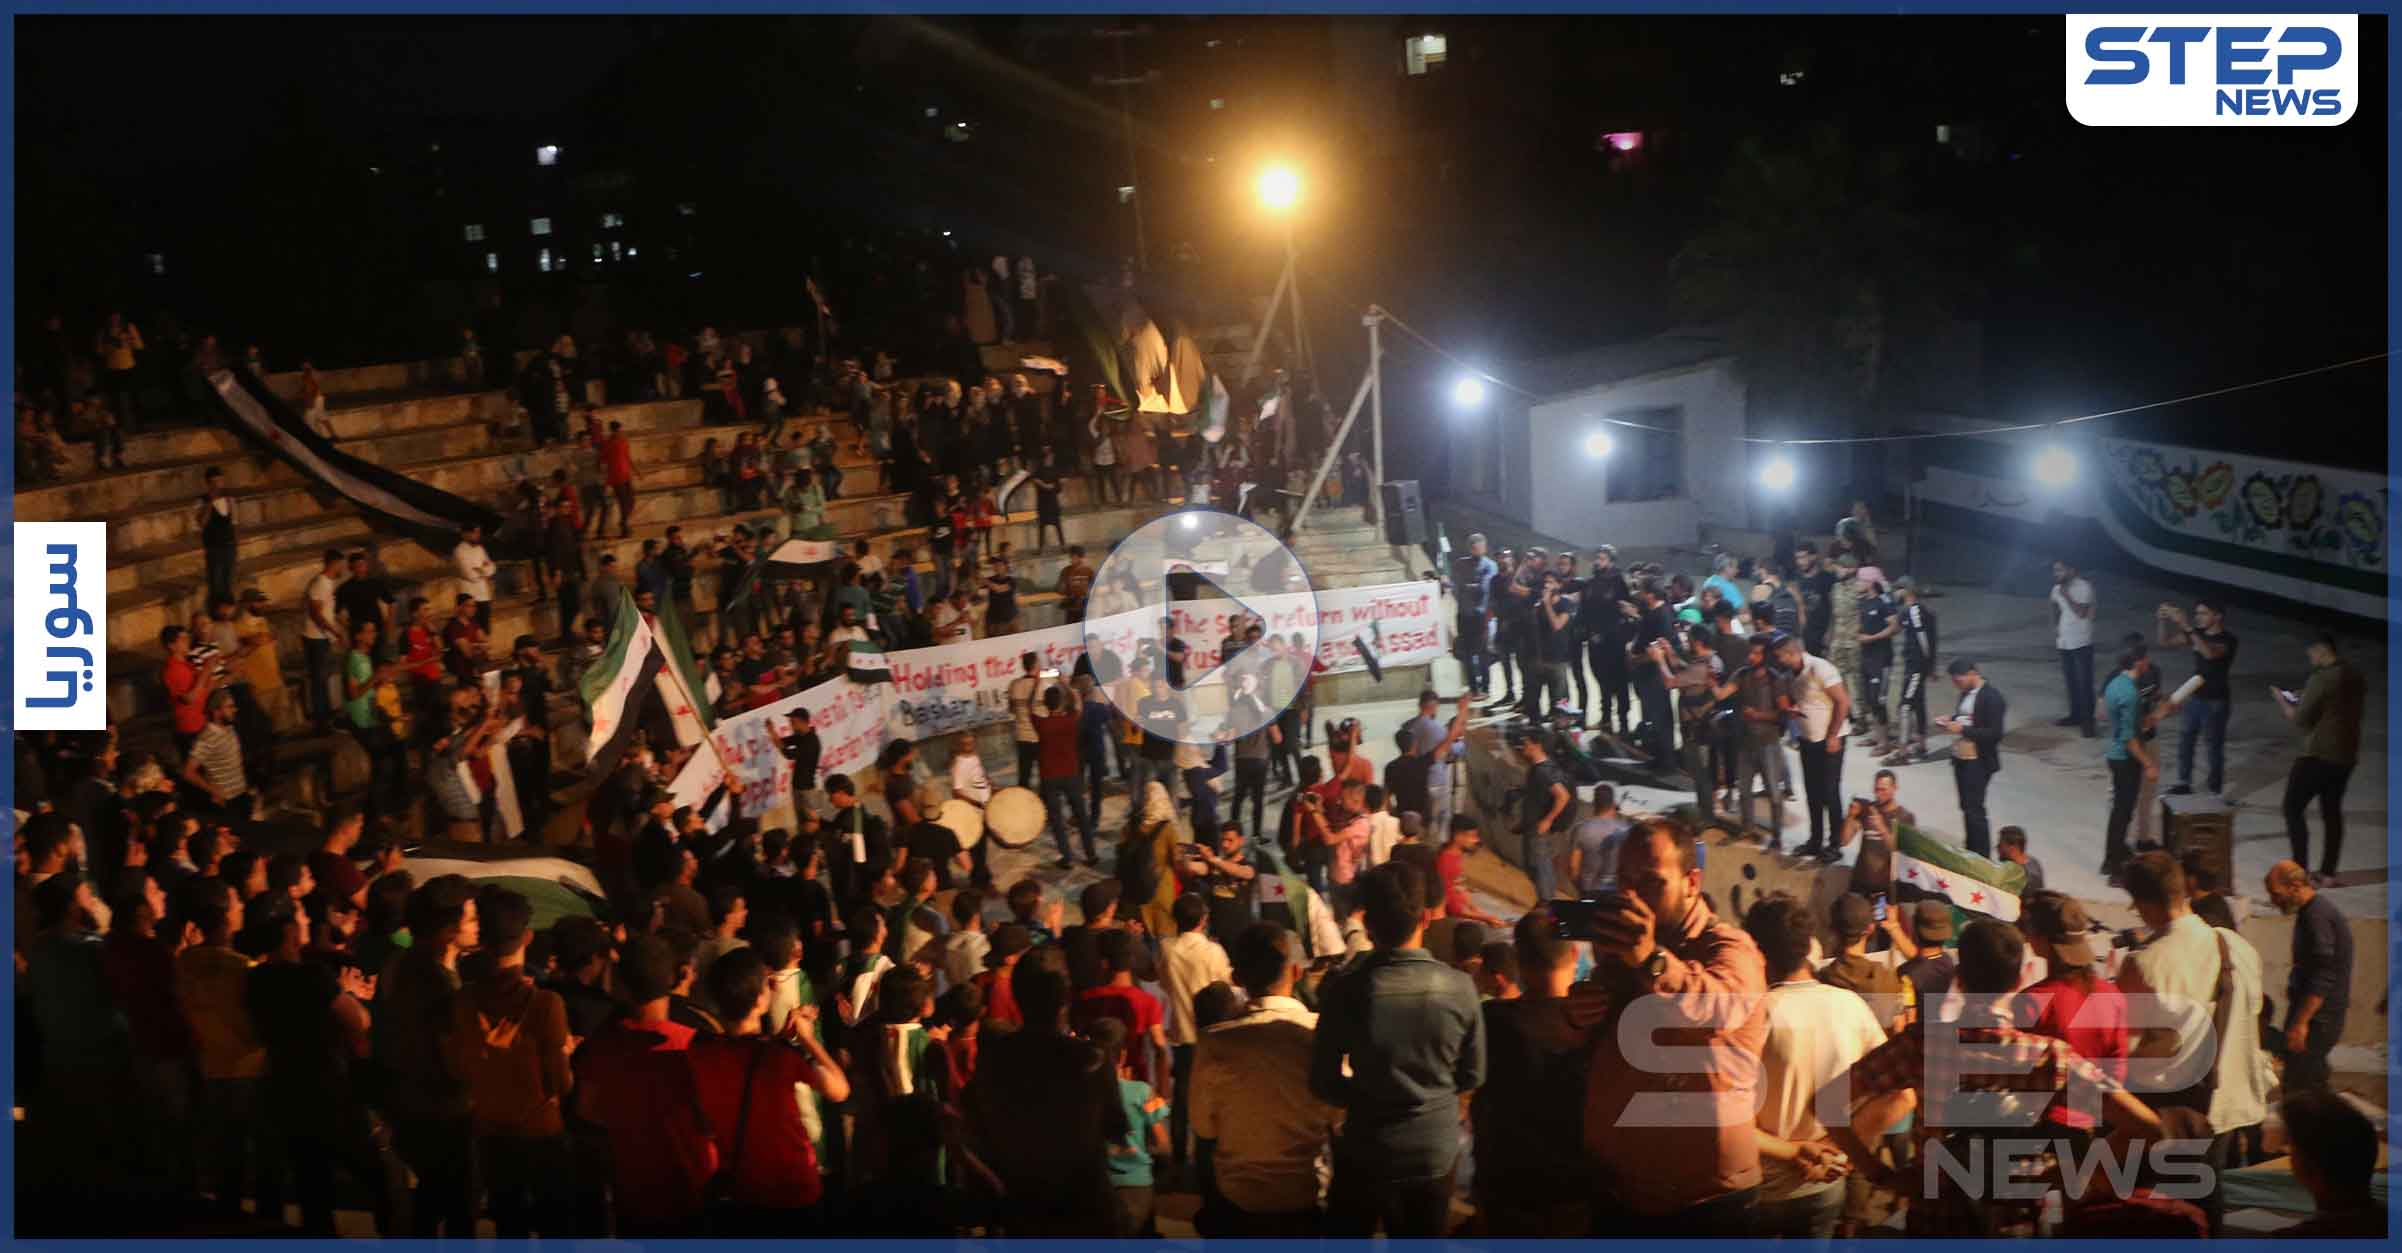 مظاهرة مسائية في مدينة إدلب شمال سوريا تطالب بإطلاق سراح المعتقلين وإسقاط النظام السوري